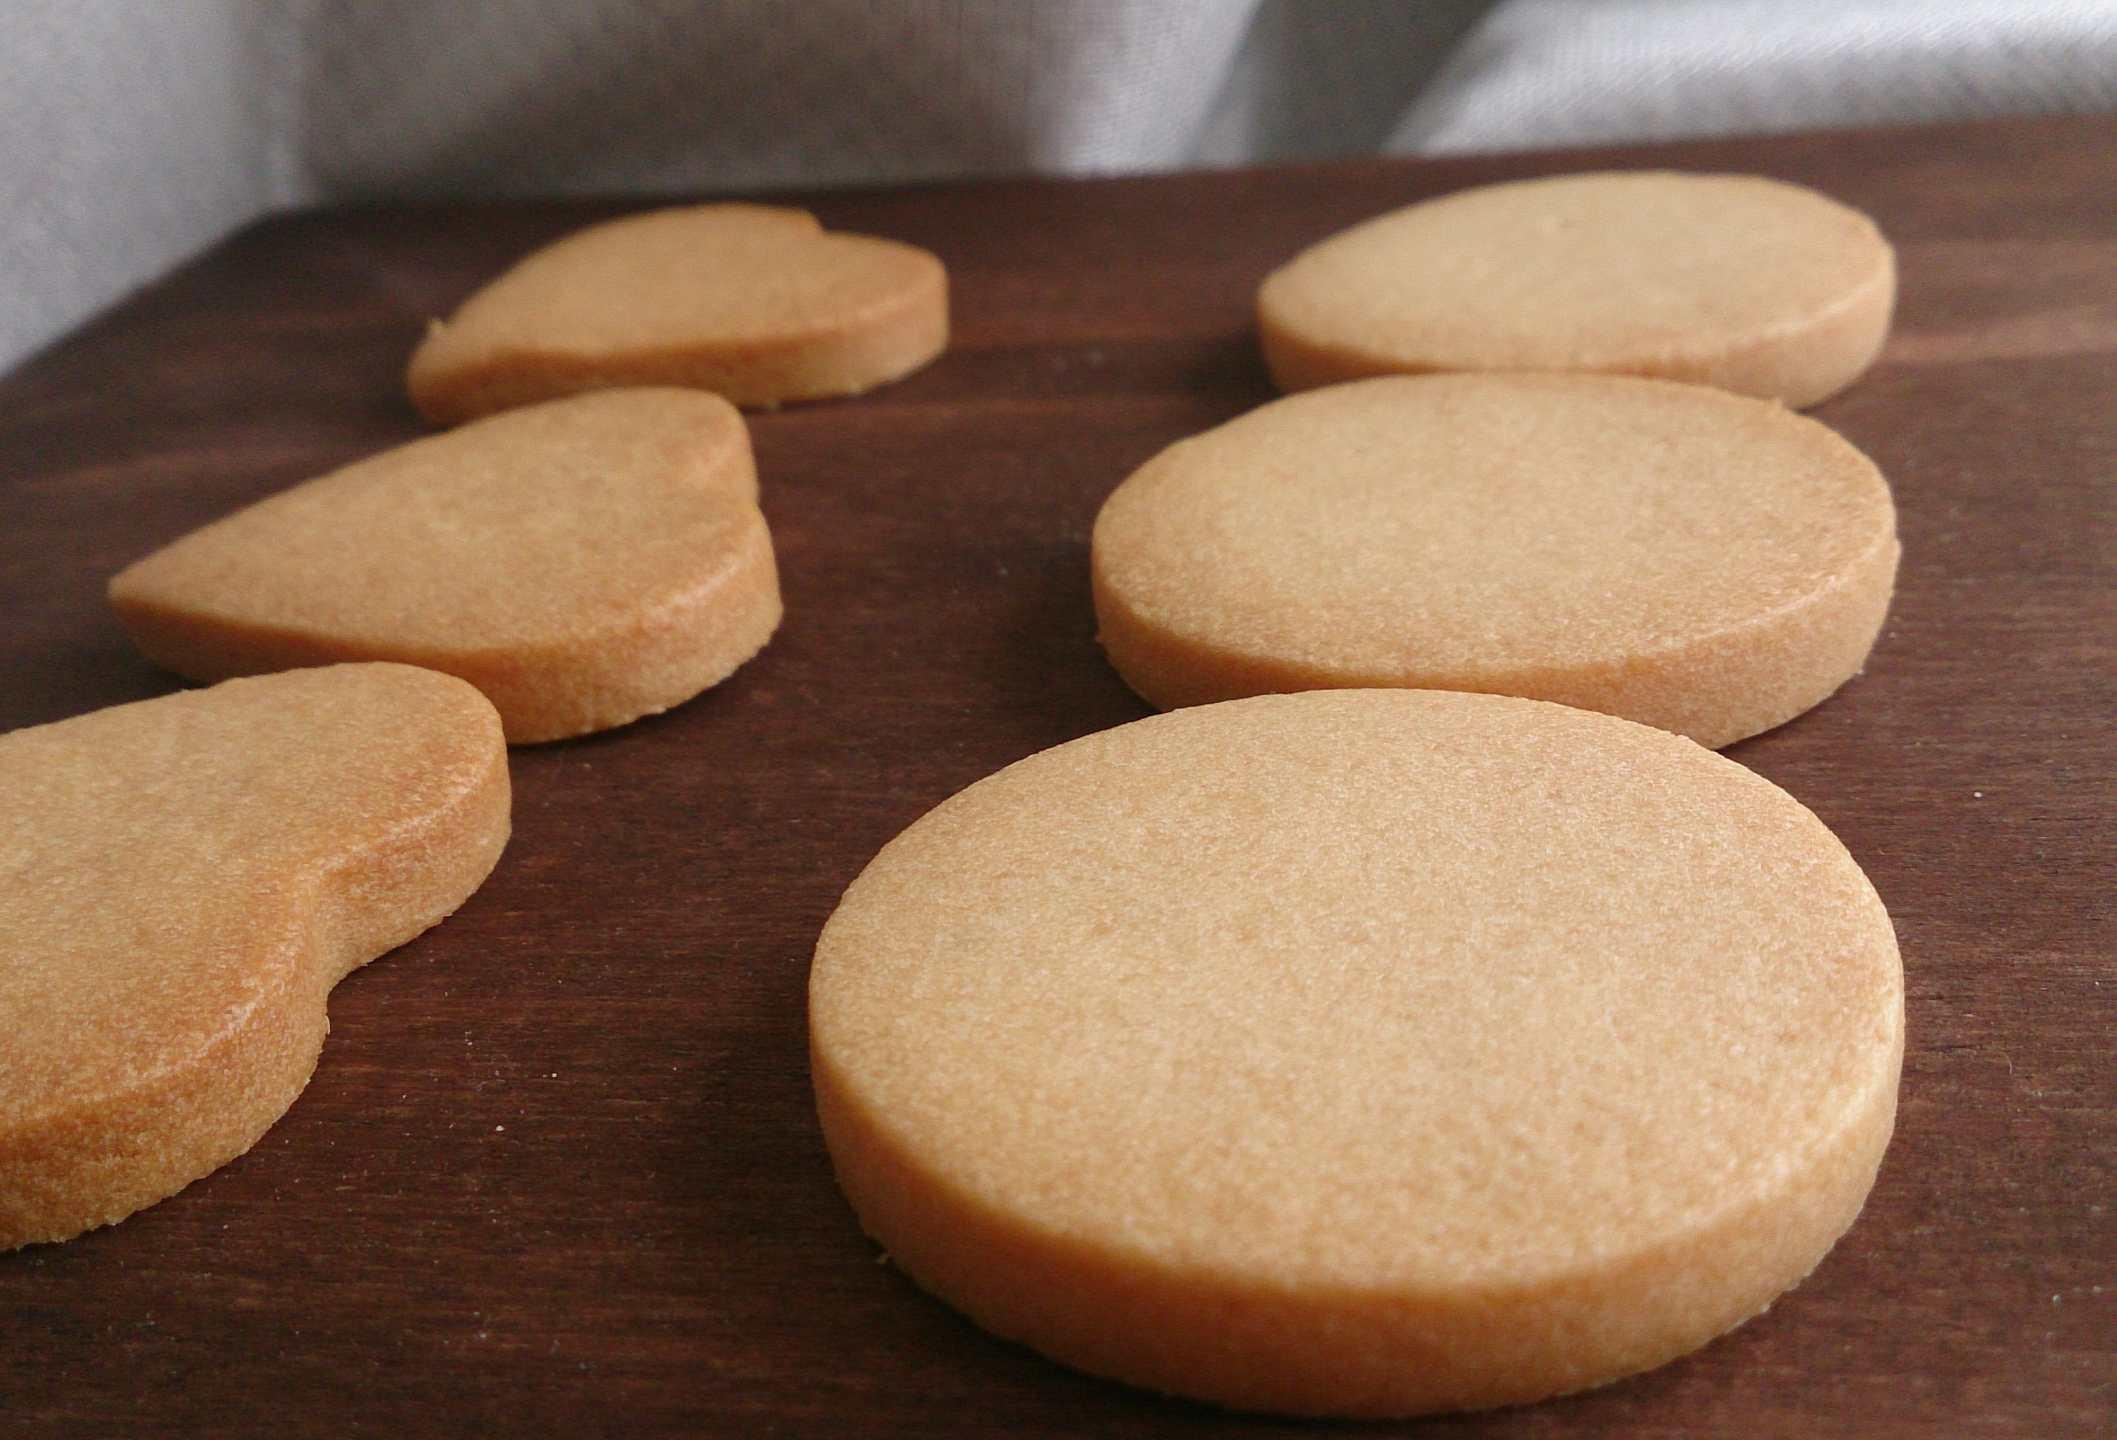 アイシングクッキー用のプレーンクッキー